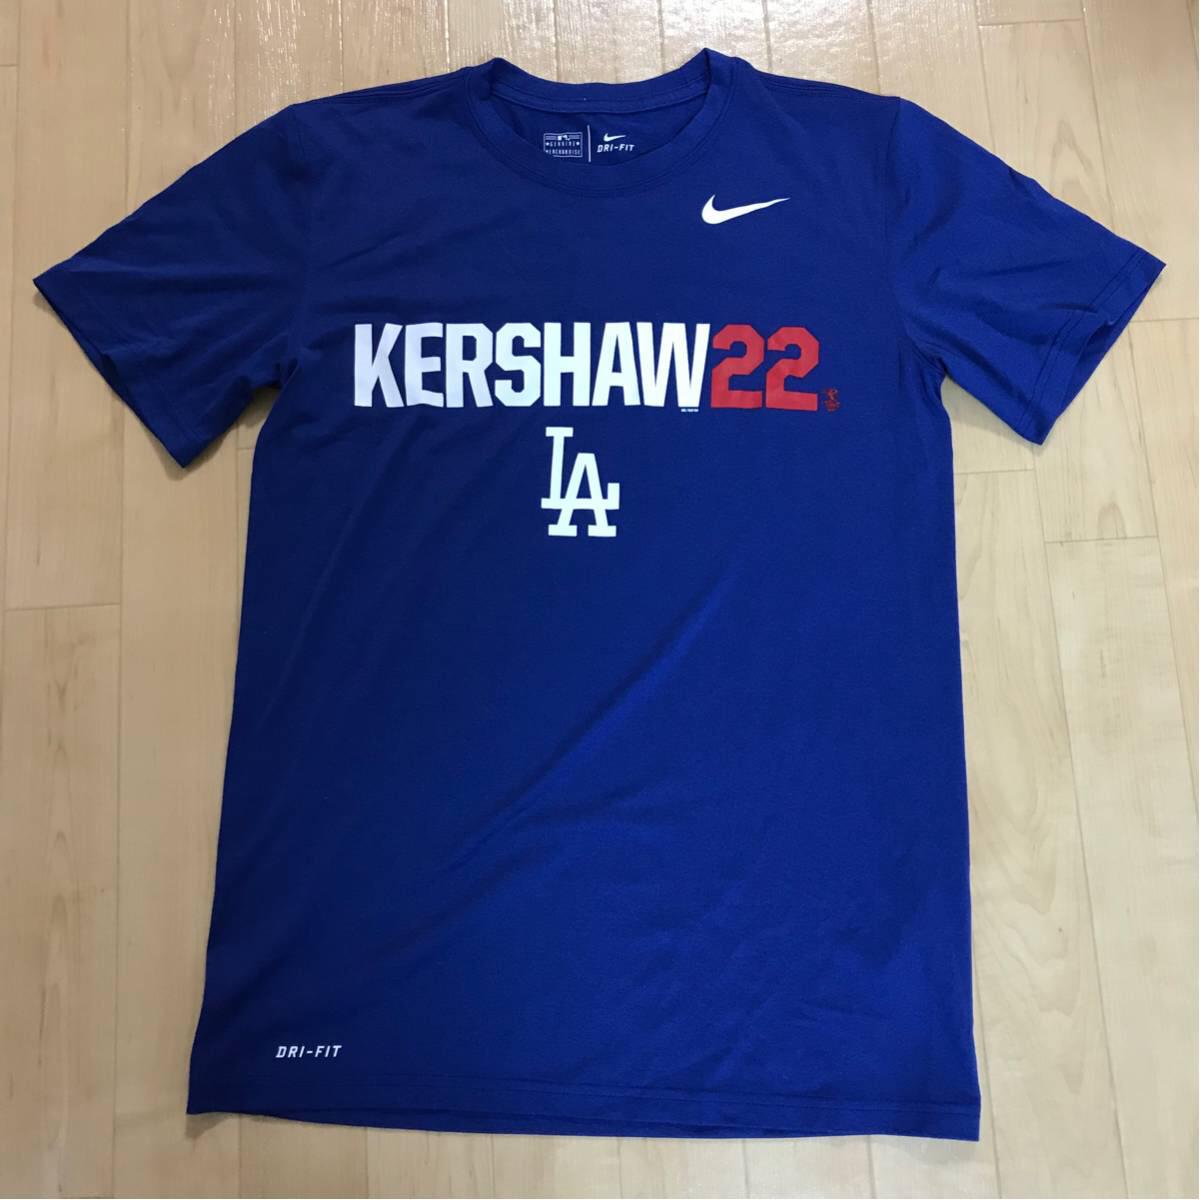 ロサンゼルス ドジャース クレイトン・カーショー LGD ニックネーム Tシャツ Sサイズ MLB NIKE ナイキ LA グッズの画像